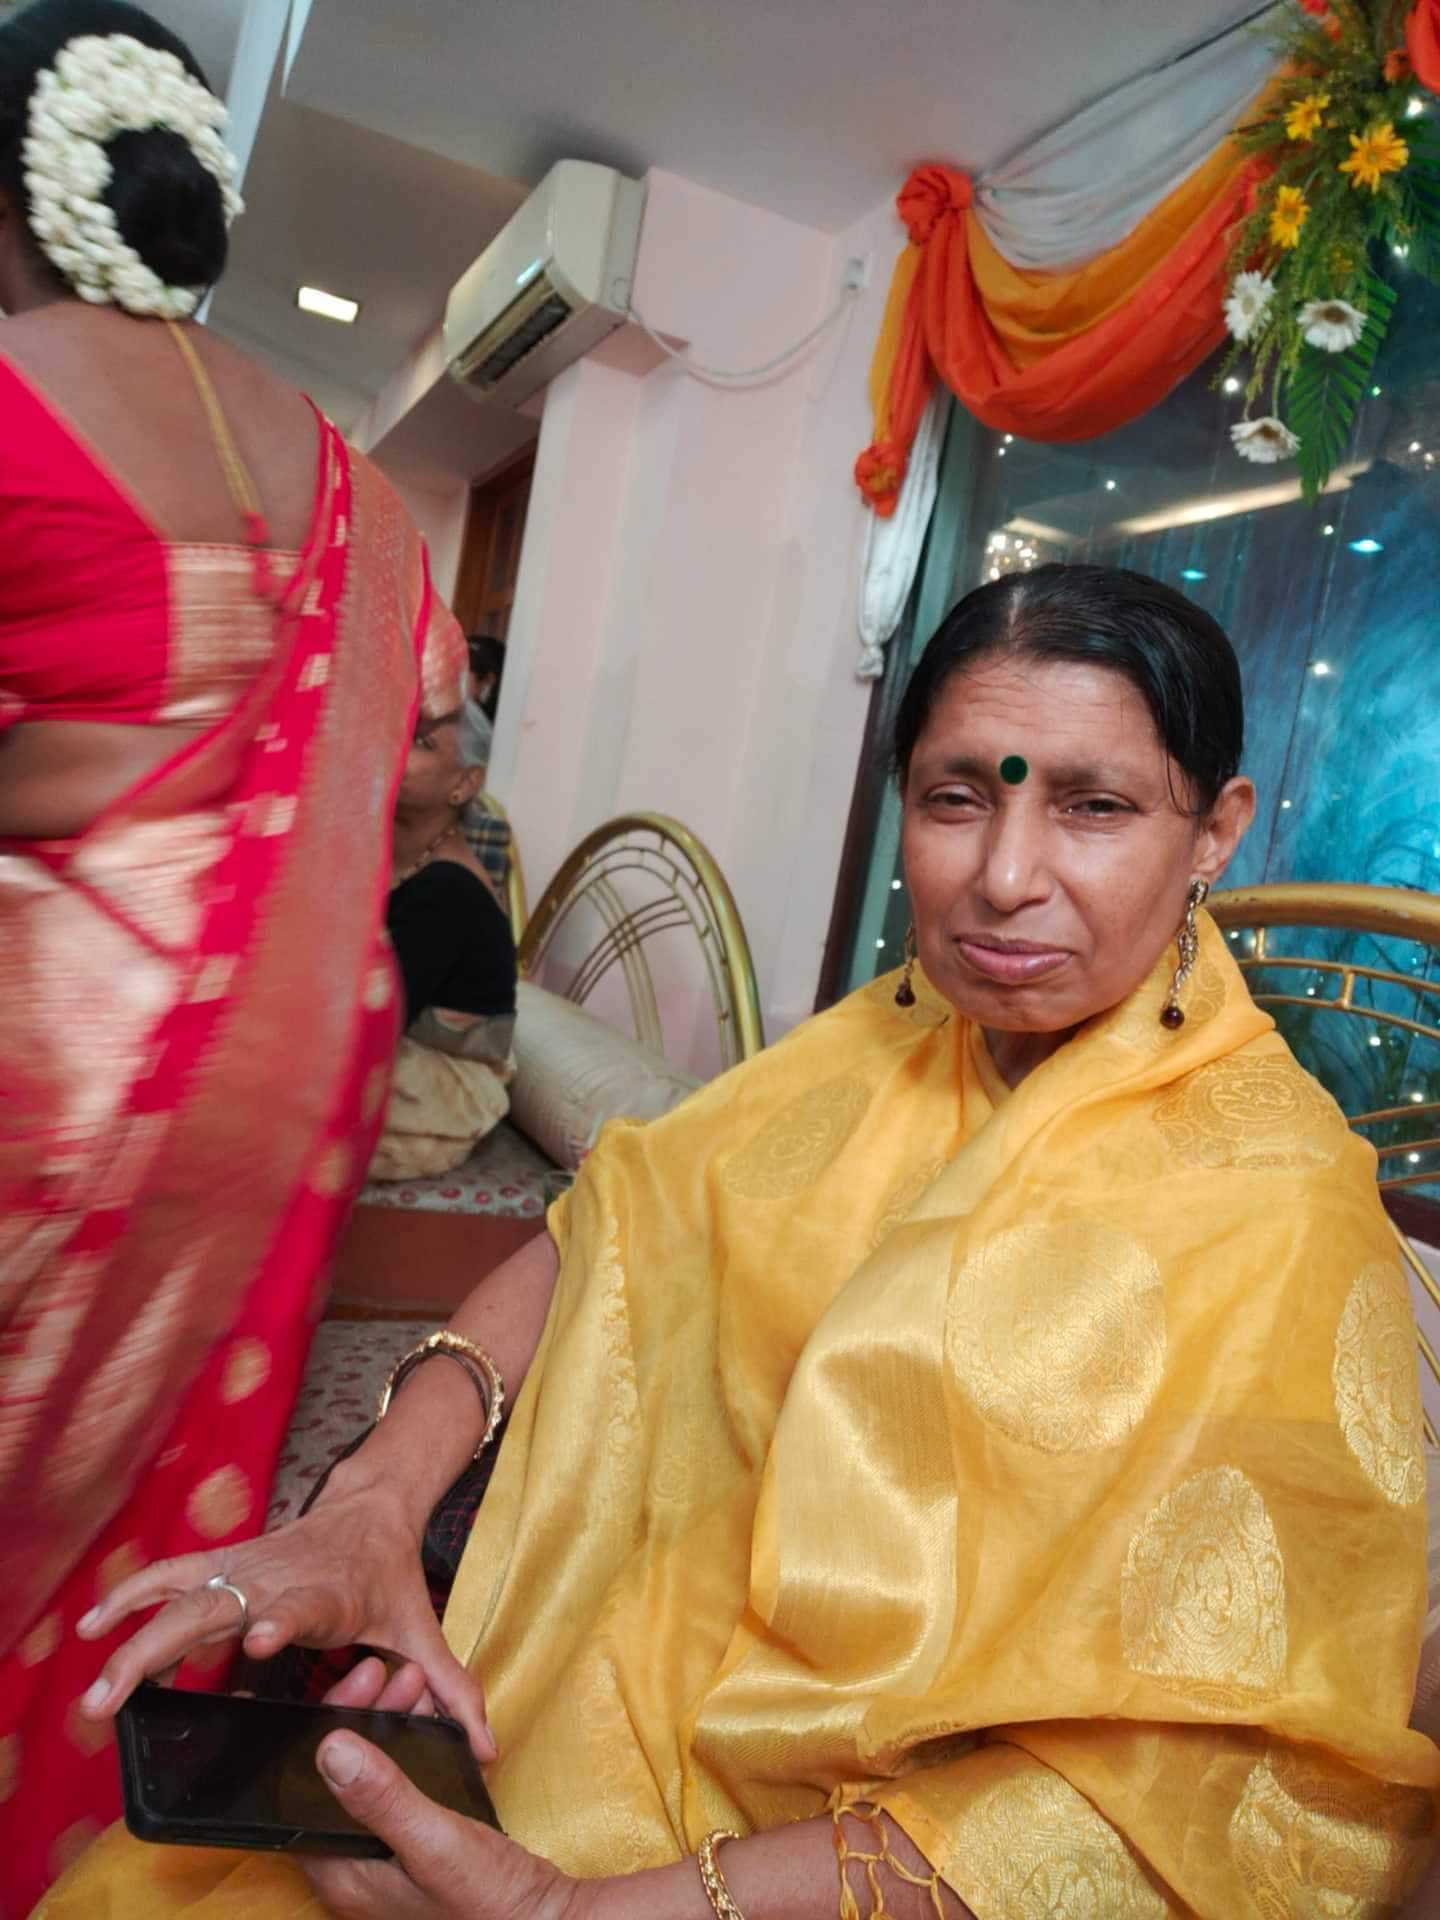 Top 100 Marriage Bureau in Garia, Kolkata - Best Tamil Matrimony